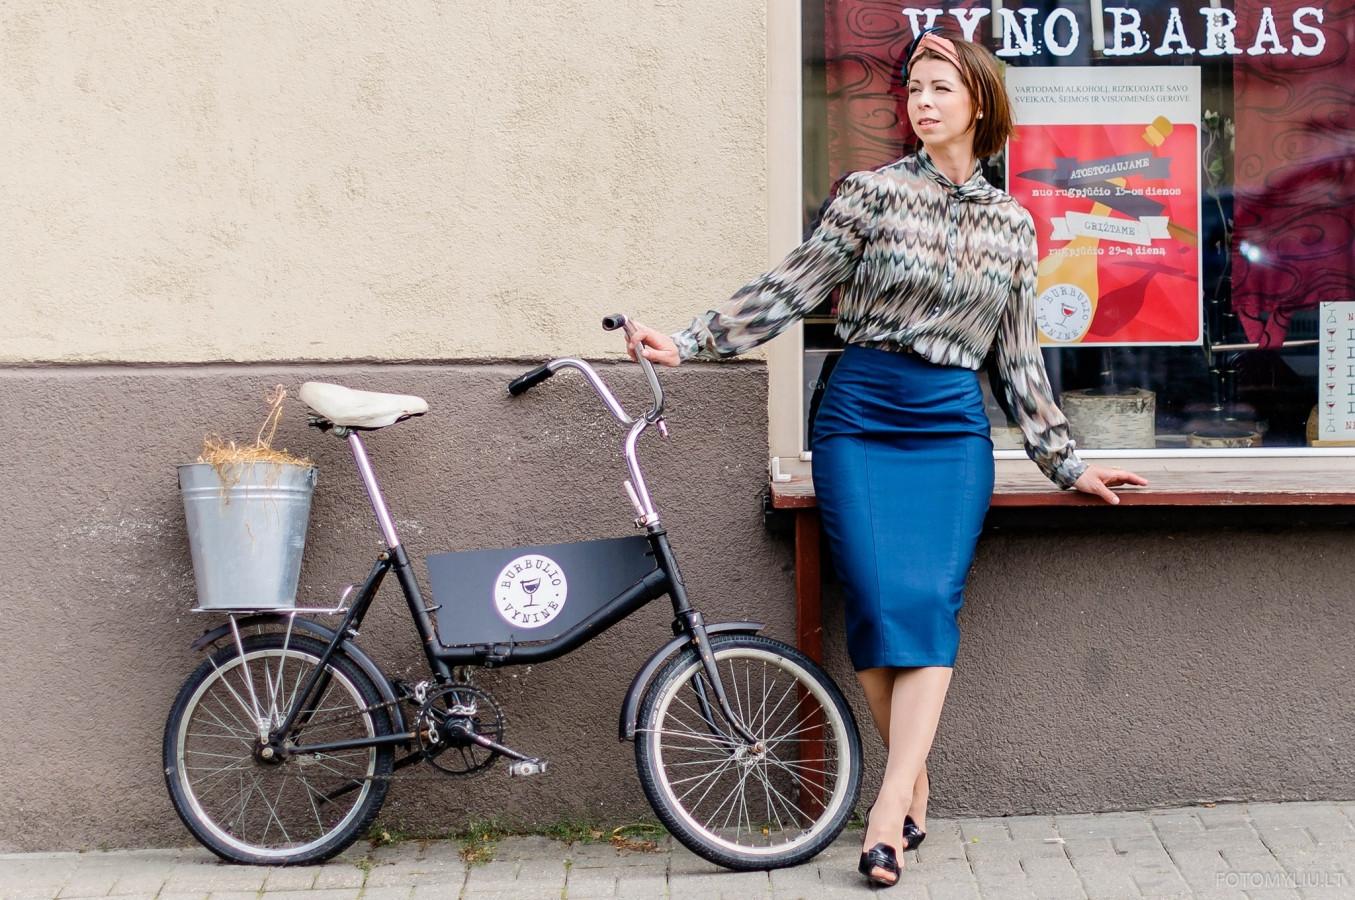 Stilistė- dizainerė : Natalija Stunžėnienė|www.natalijastun.com Visažistė: Iveta Ma | http://versliukai.lt/vizazistes/vilniuje/iveta-iv136 Fotografas: Vidmantas Ganiprauskas | www.fotomyliu.lt   Modelis: Justina Ruzgaitė